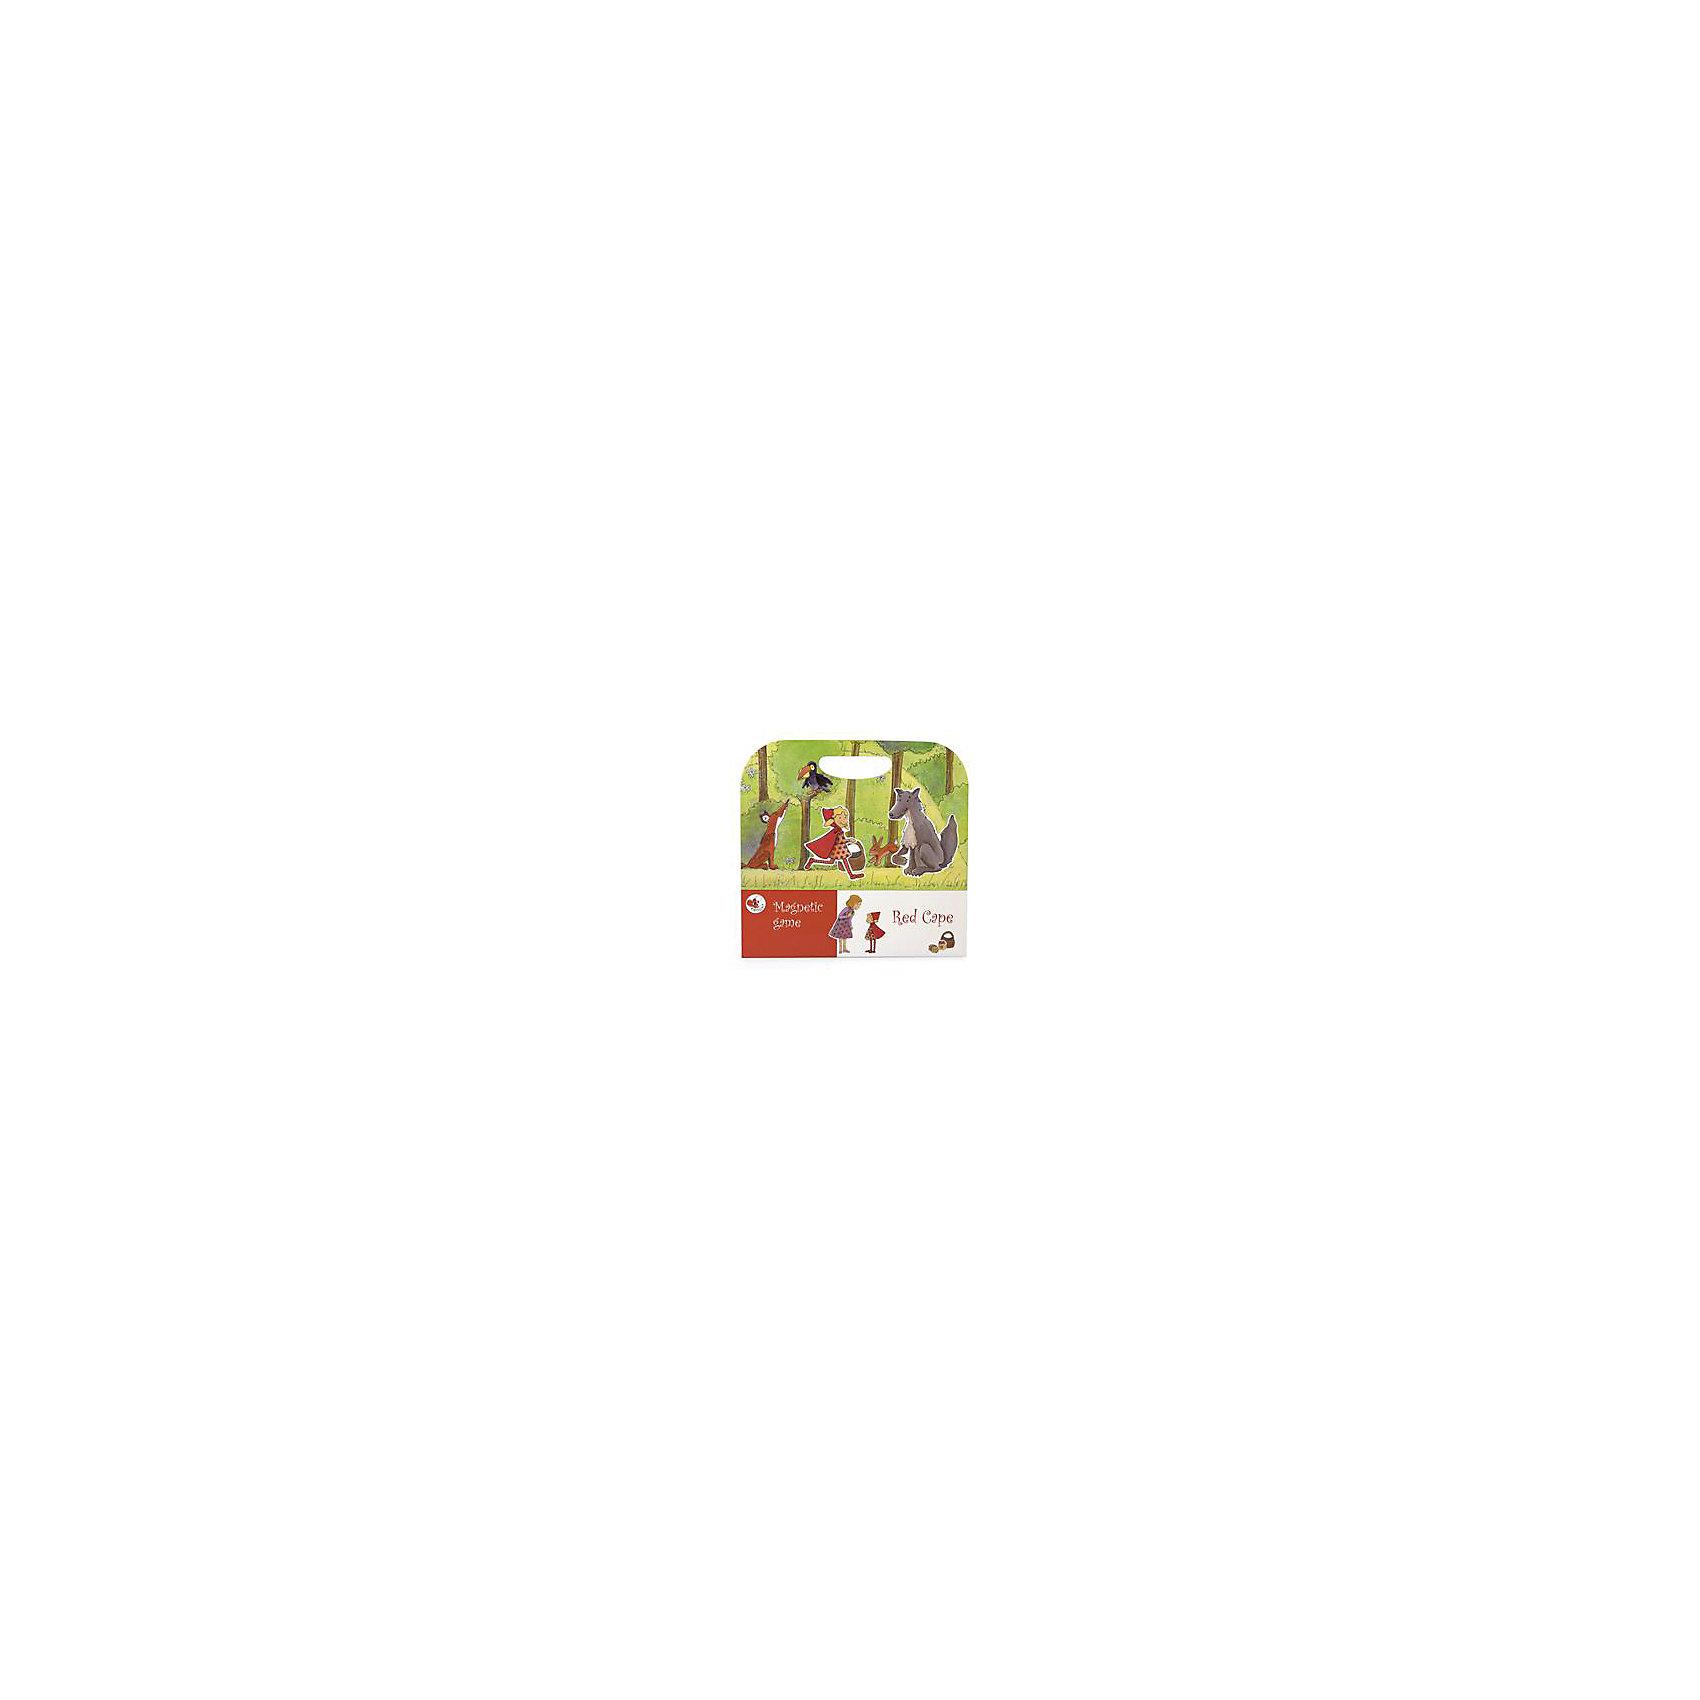 Детская настольная магнитная игра Красная шапочка, Egmont ToysРазвивающие игры<br>Все любители сказки про Красную шапочку смогут поучаствовать в увлекательном путешествии маленькой девочки в темном лесу. На страницах магнитной книги много красочных персонажей и интересных героев, которые отправляются на поиски приключений. <br><br>Настольная игра выполнена в виде книги, а специальные магниты позволяют дополнить ее и сделать историю более увлекательной. В процессе игры у ребенка развивается изображение, он учится сопоставлять и анализировать. Игра с мелкими деталями развивает моторные функции ребенка. <br><br>Дополнительная информация:<br><br>В наборе: книга и 20 магнитов. <br>Размер в упаковке: 24 х 25 х 1,5 см<br><br>Магнитную игру Красная шапочка можно купить в нашем магазине.<br><br>Ширина мм: 240<br>Глубина мм: 250<br>Высота мм: 15<br>Вес г: 250<br>Возраст от месяцев: 36<br>Возраст до месяцев: 72<br>Пол: Унисекс<br>Возраст: Детский<br>SKU: 4093771